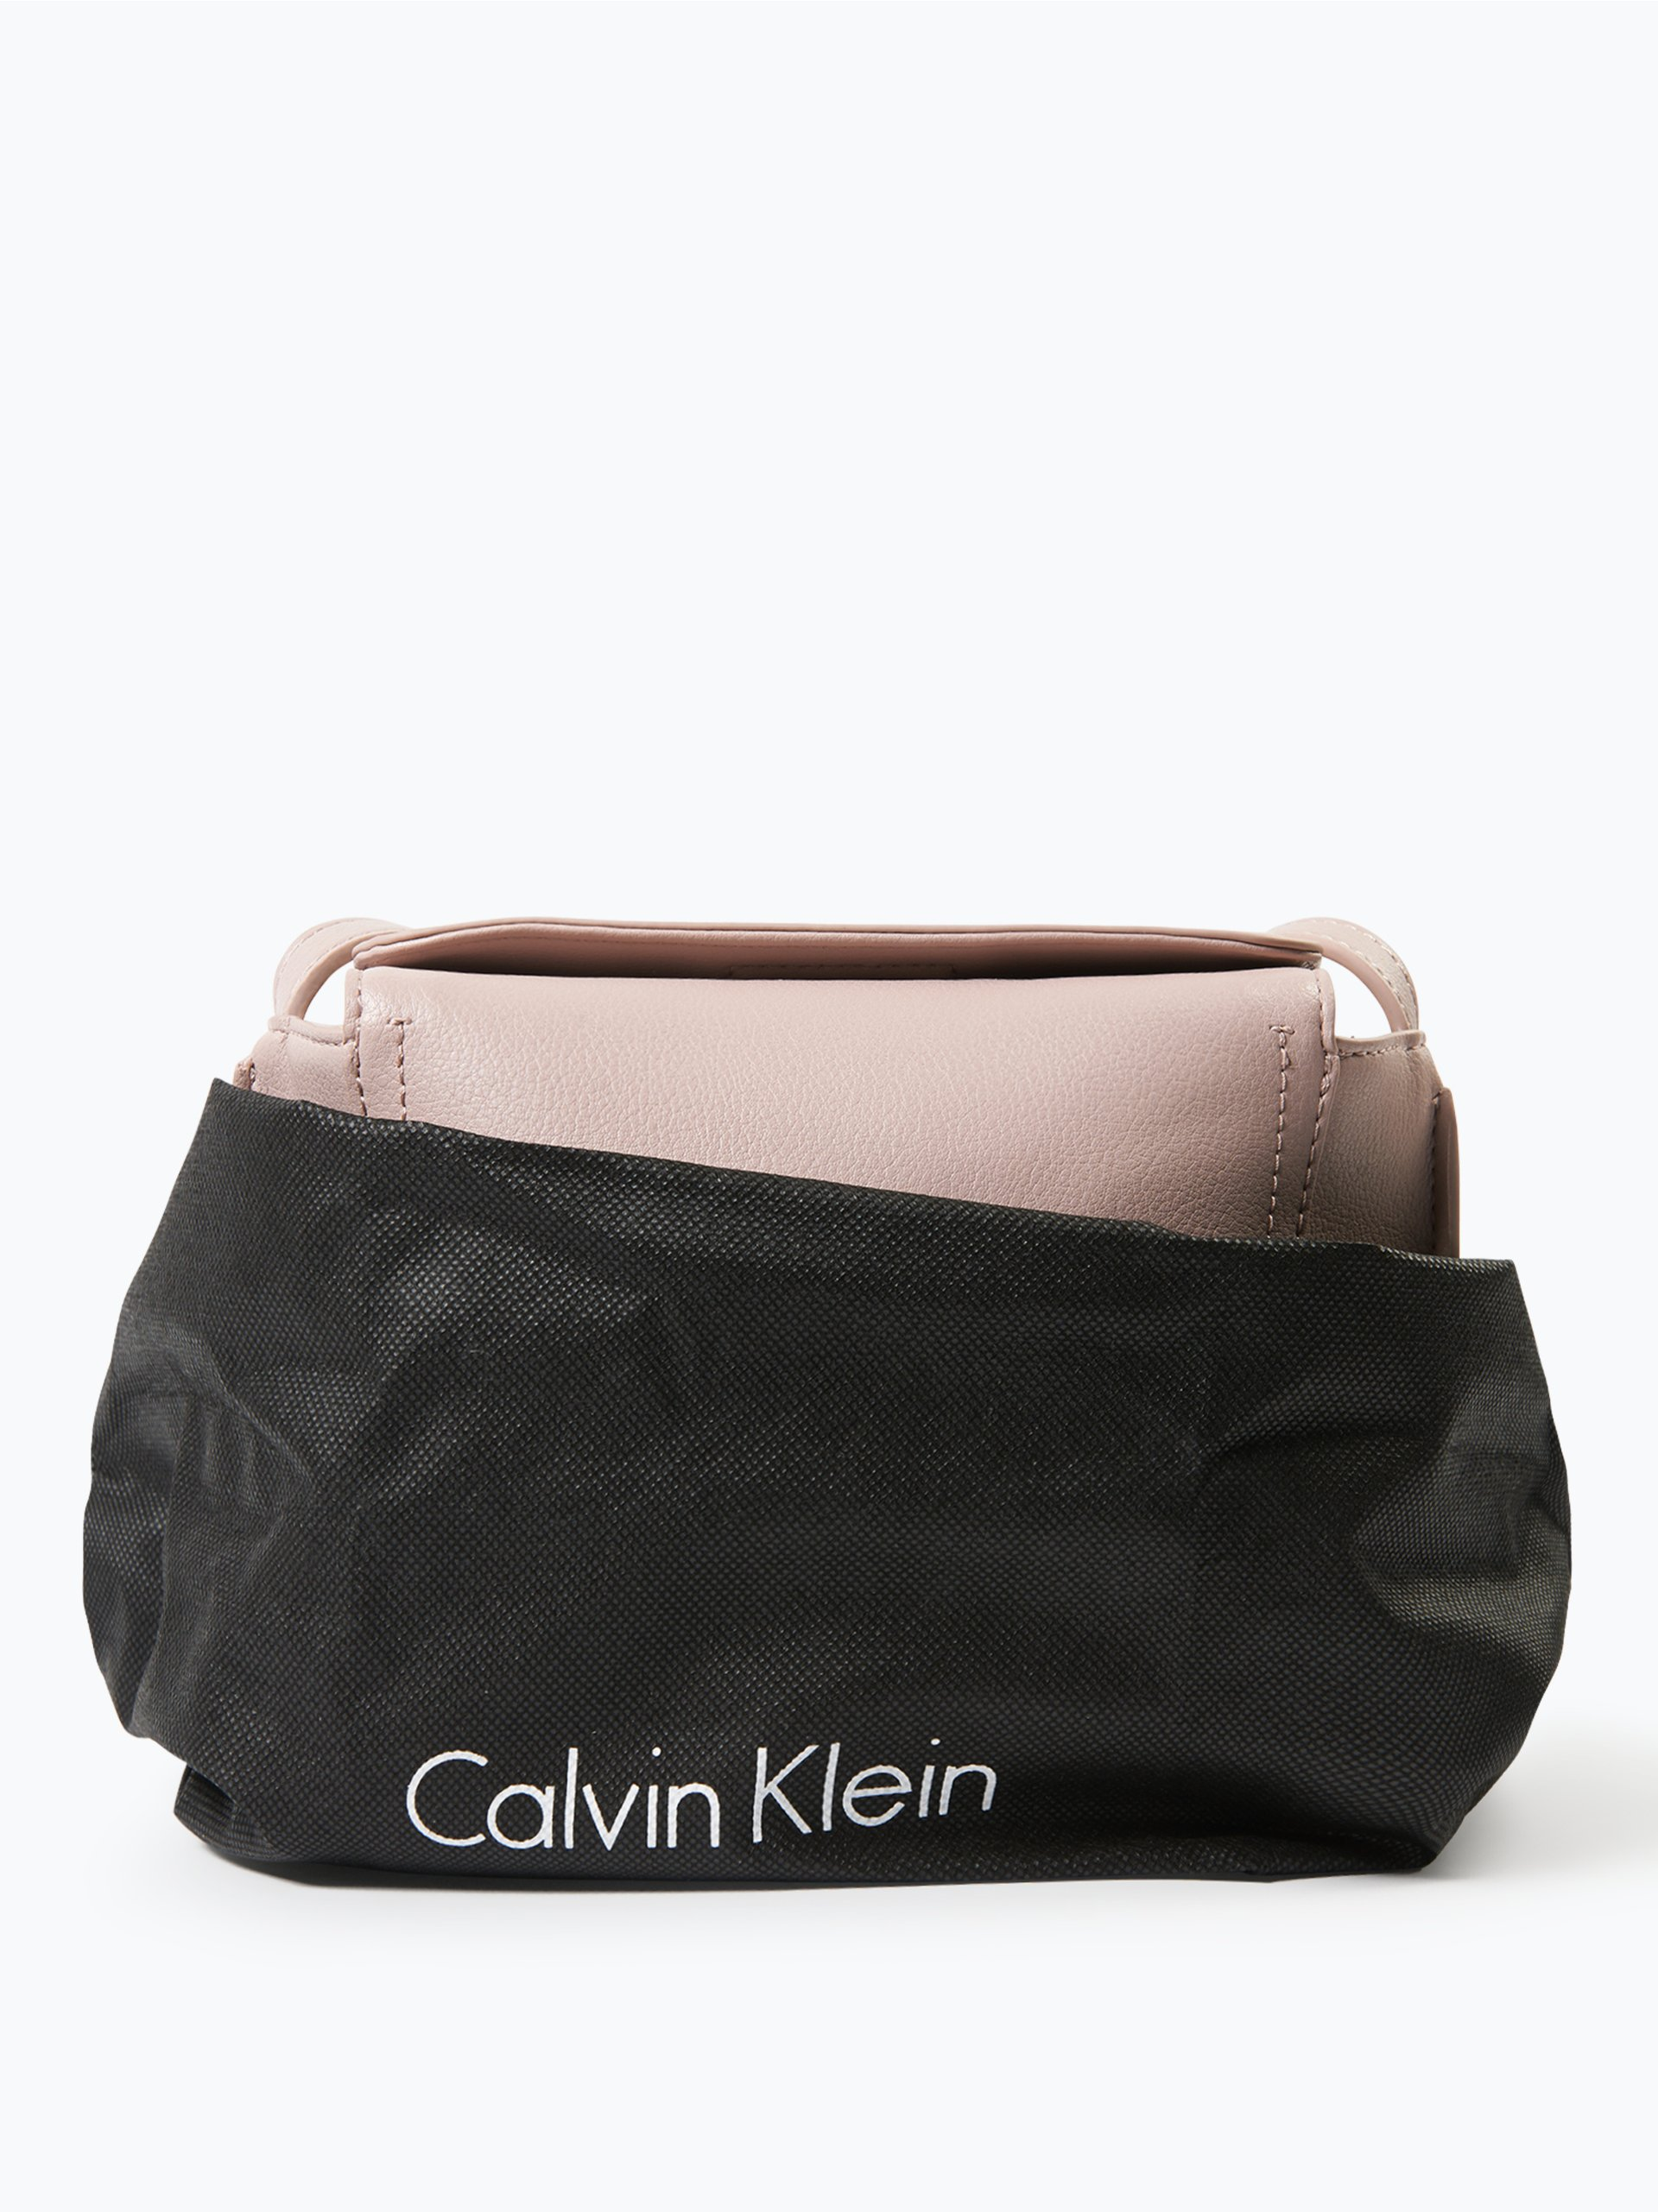 calvin klein damen handtasche in leder optik altrosa uni. Black Bedroom Furniture Sets. Home Design Ideas